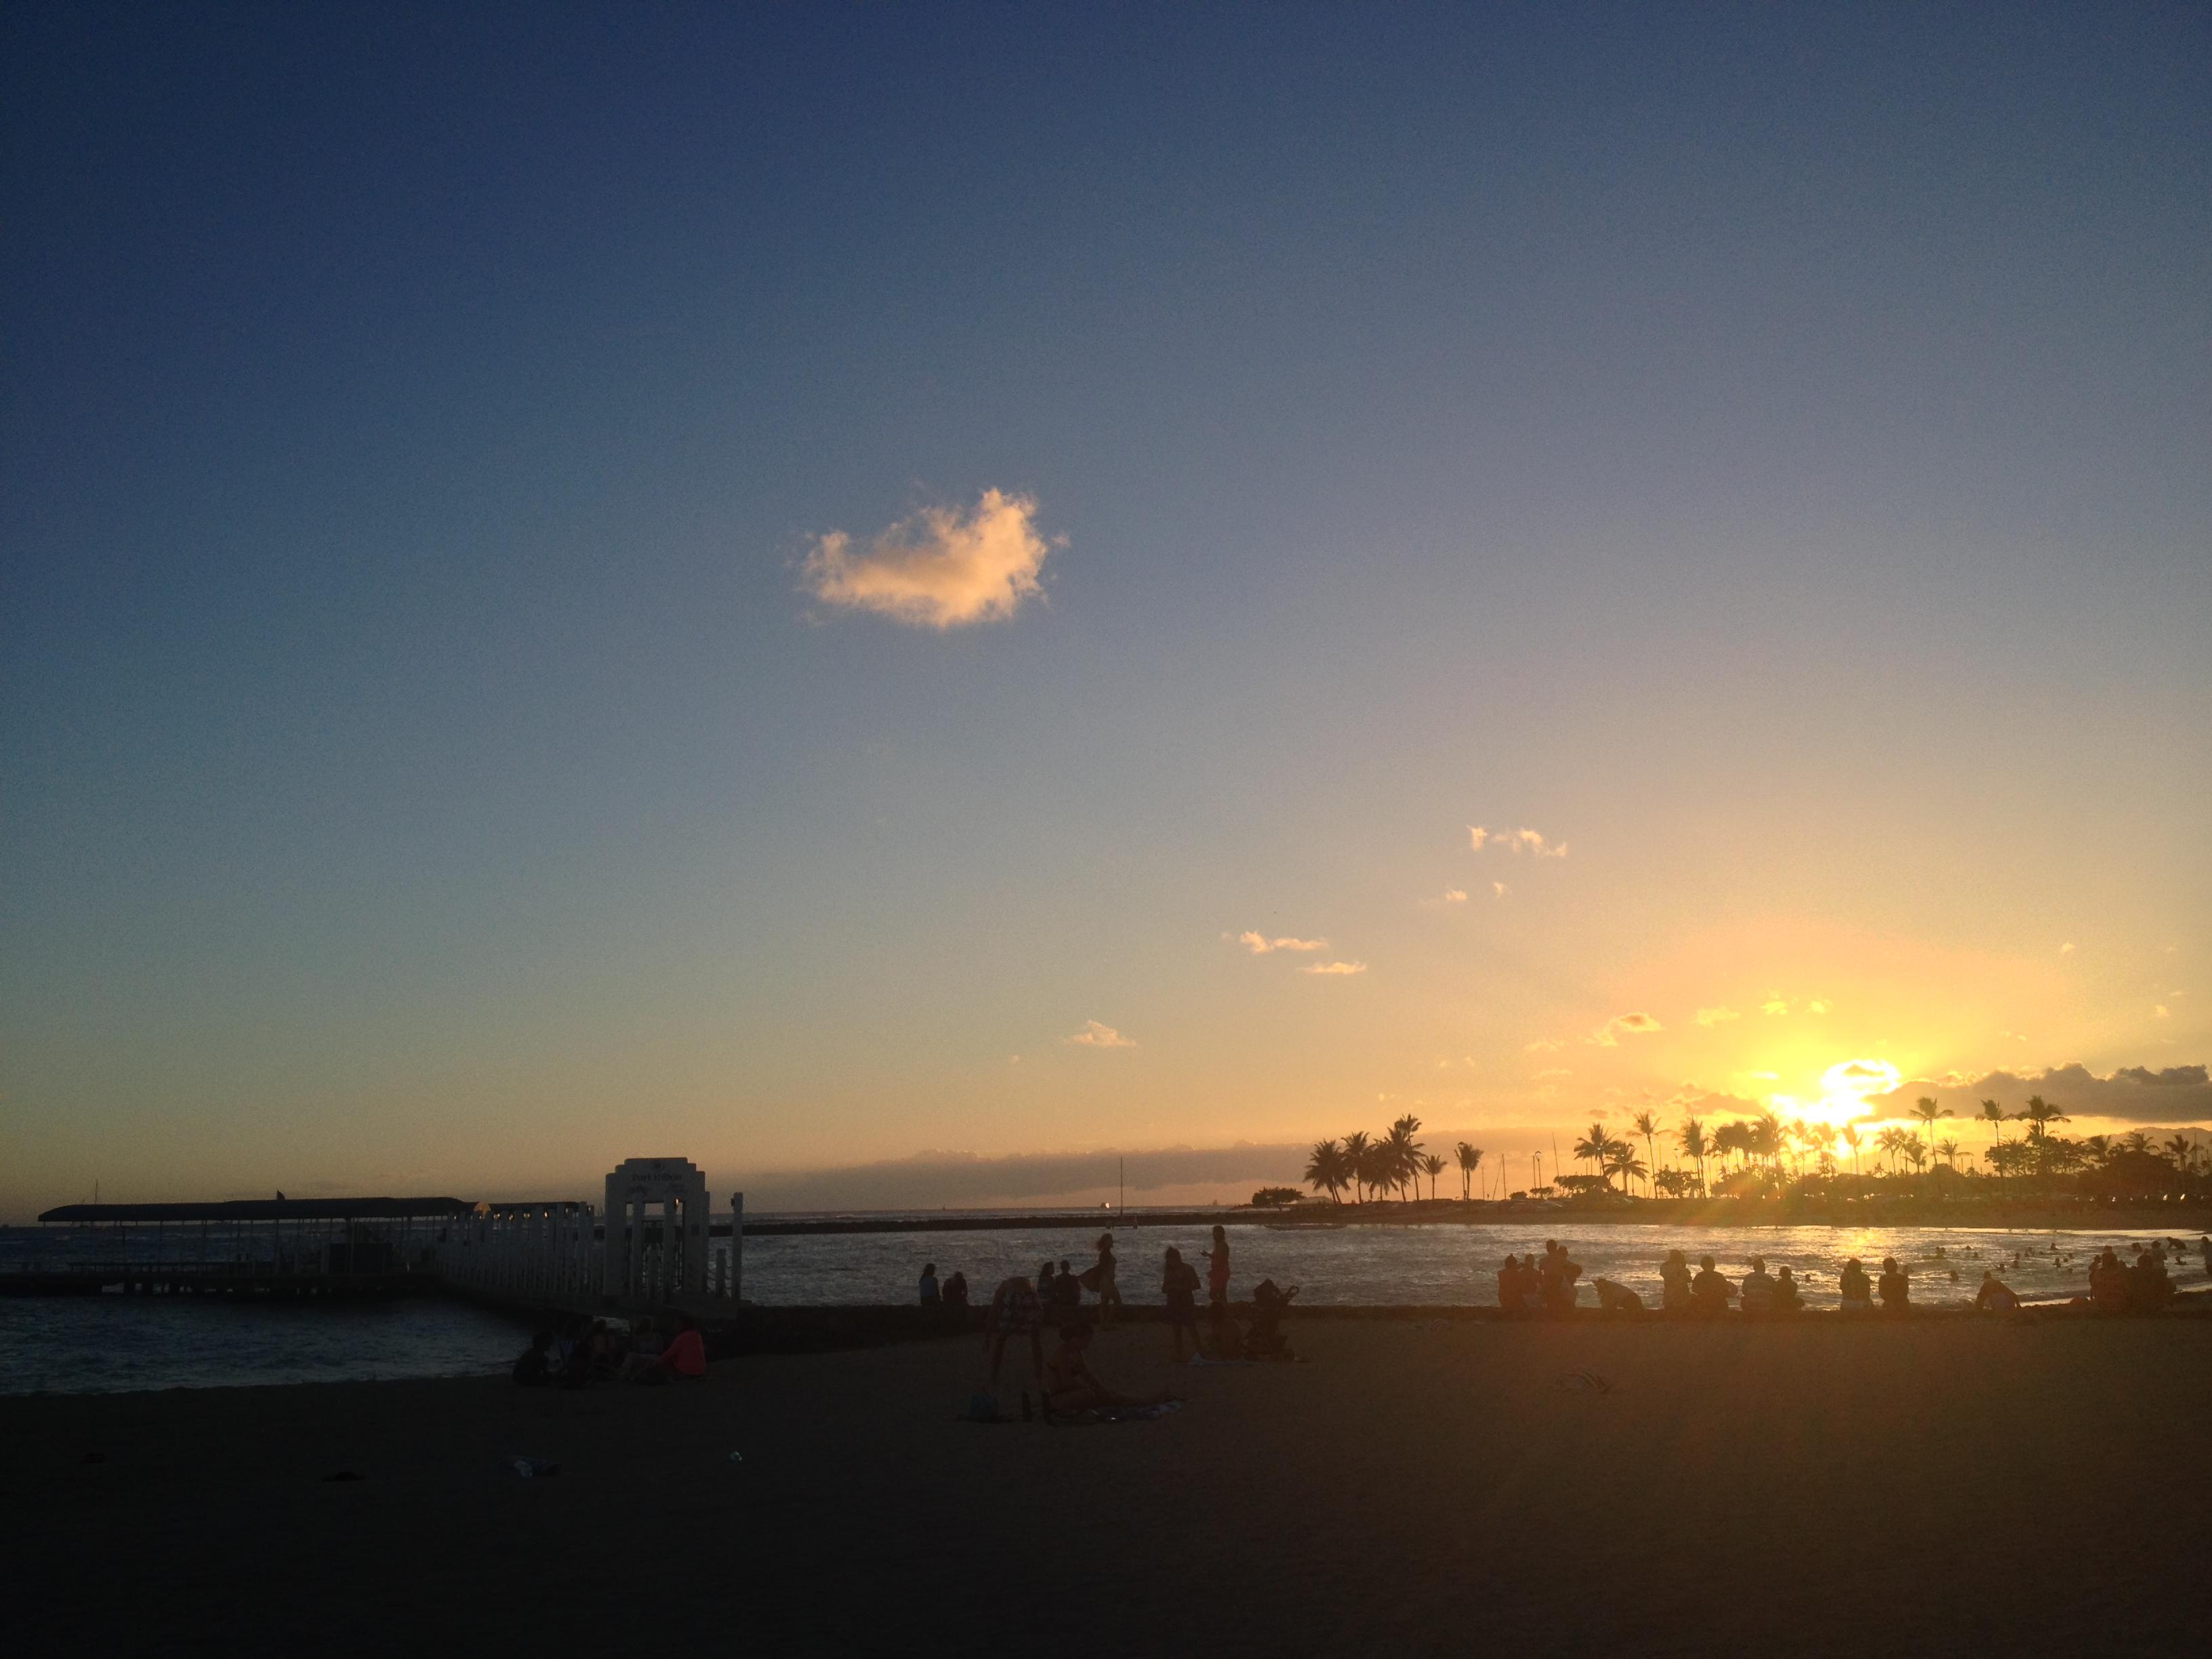 Last sunset in Waikiki